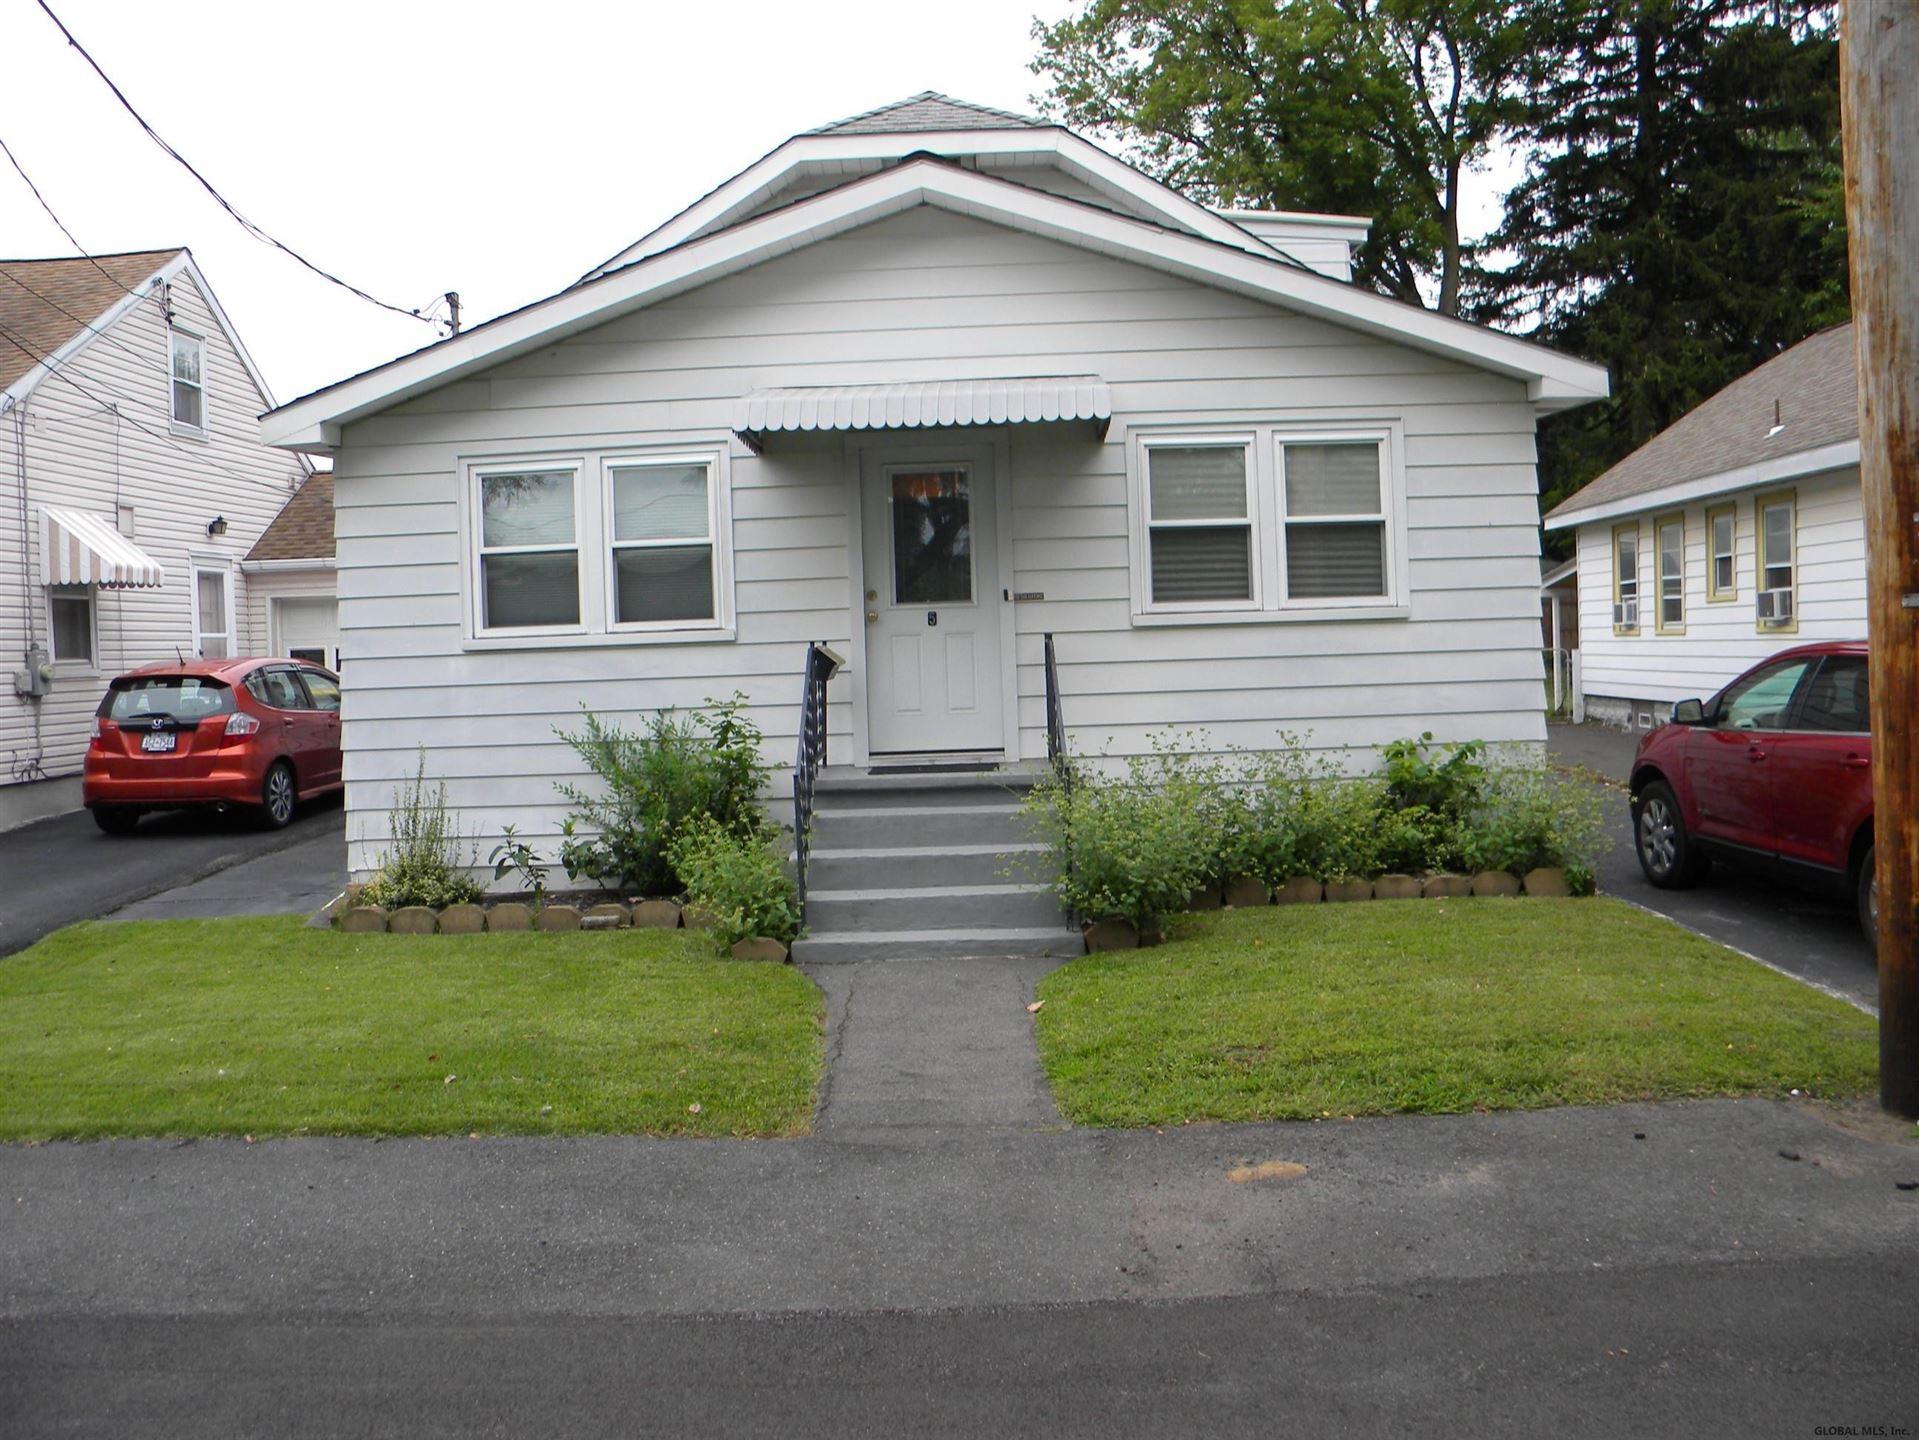 5 OAKLAND AV, Colonie, NY 12205 - #: 202127667